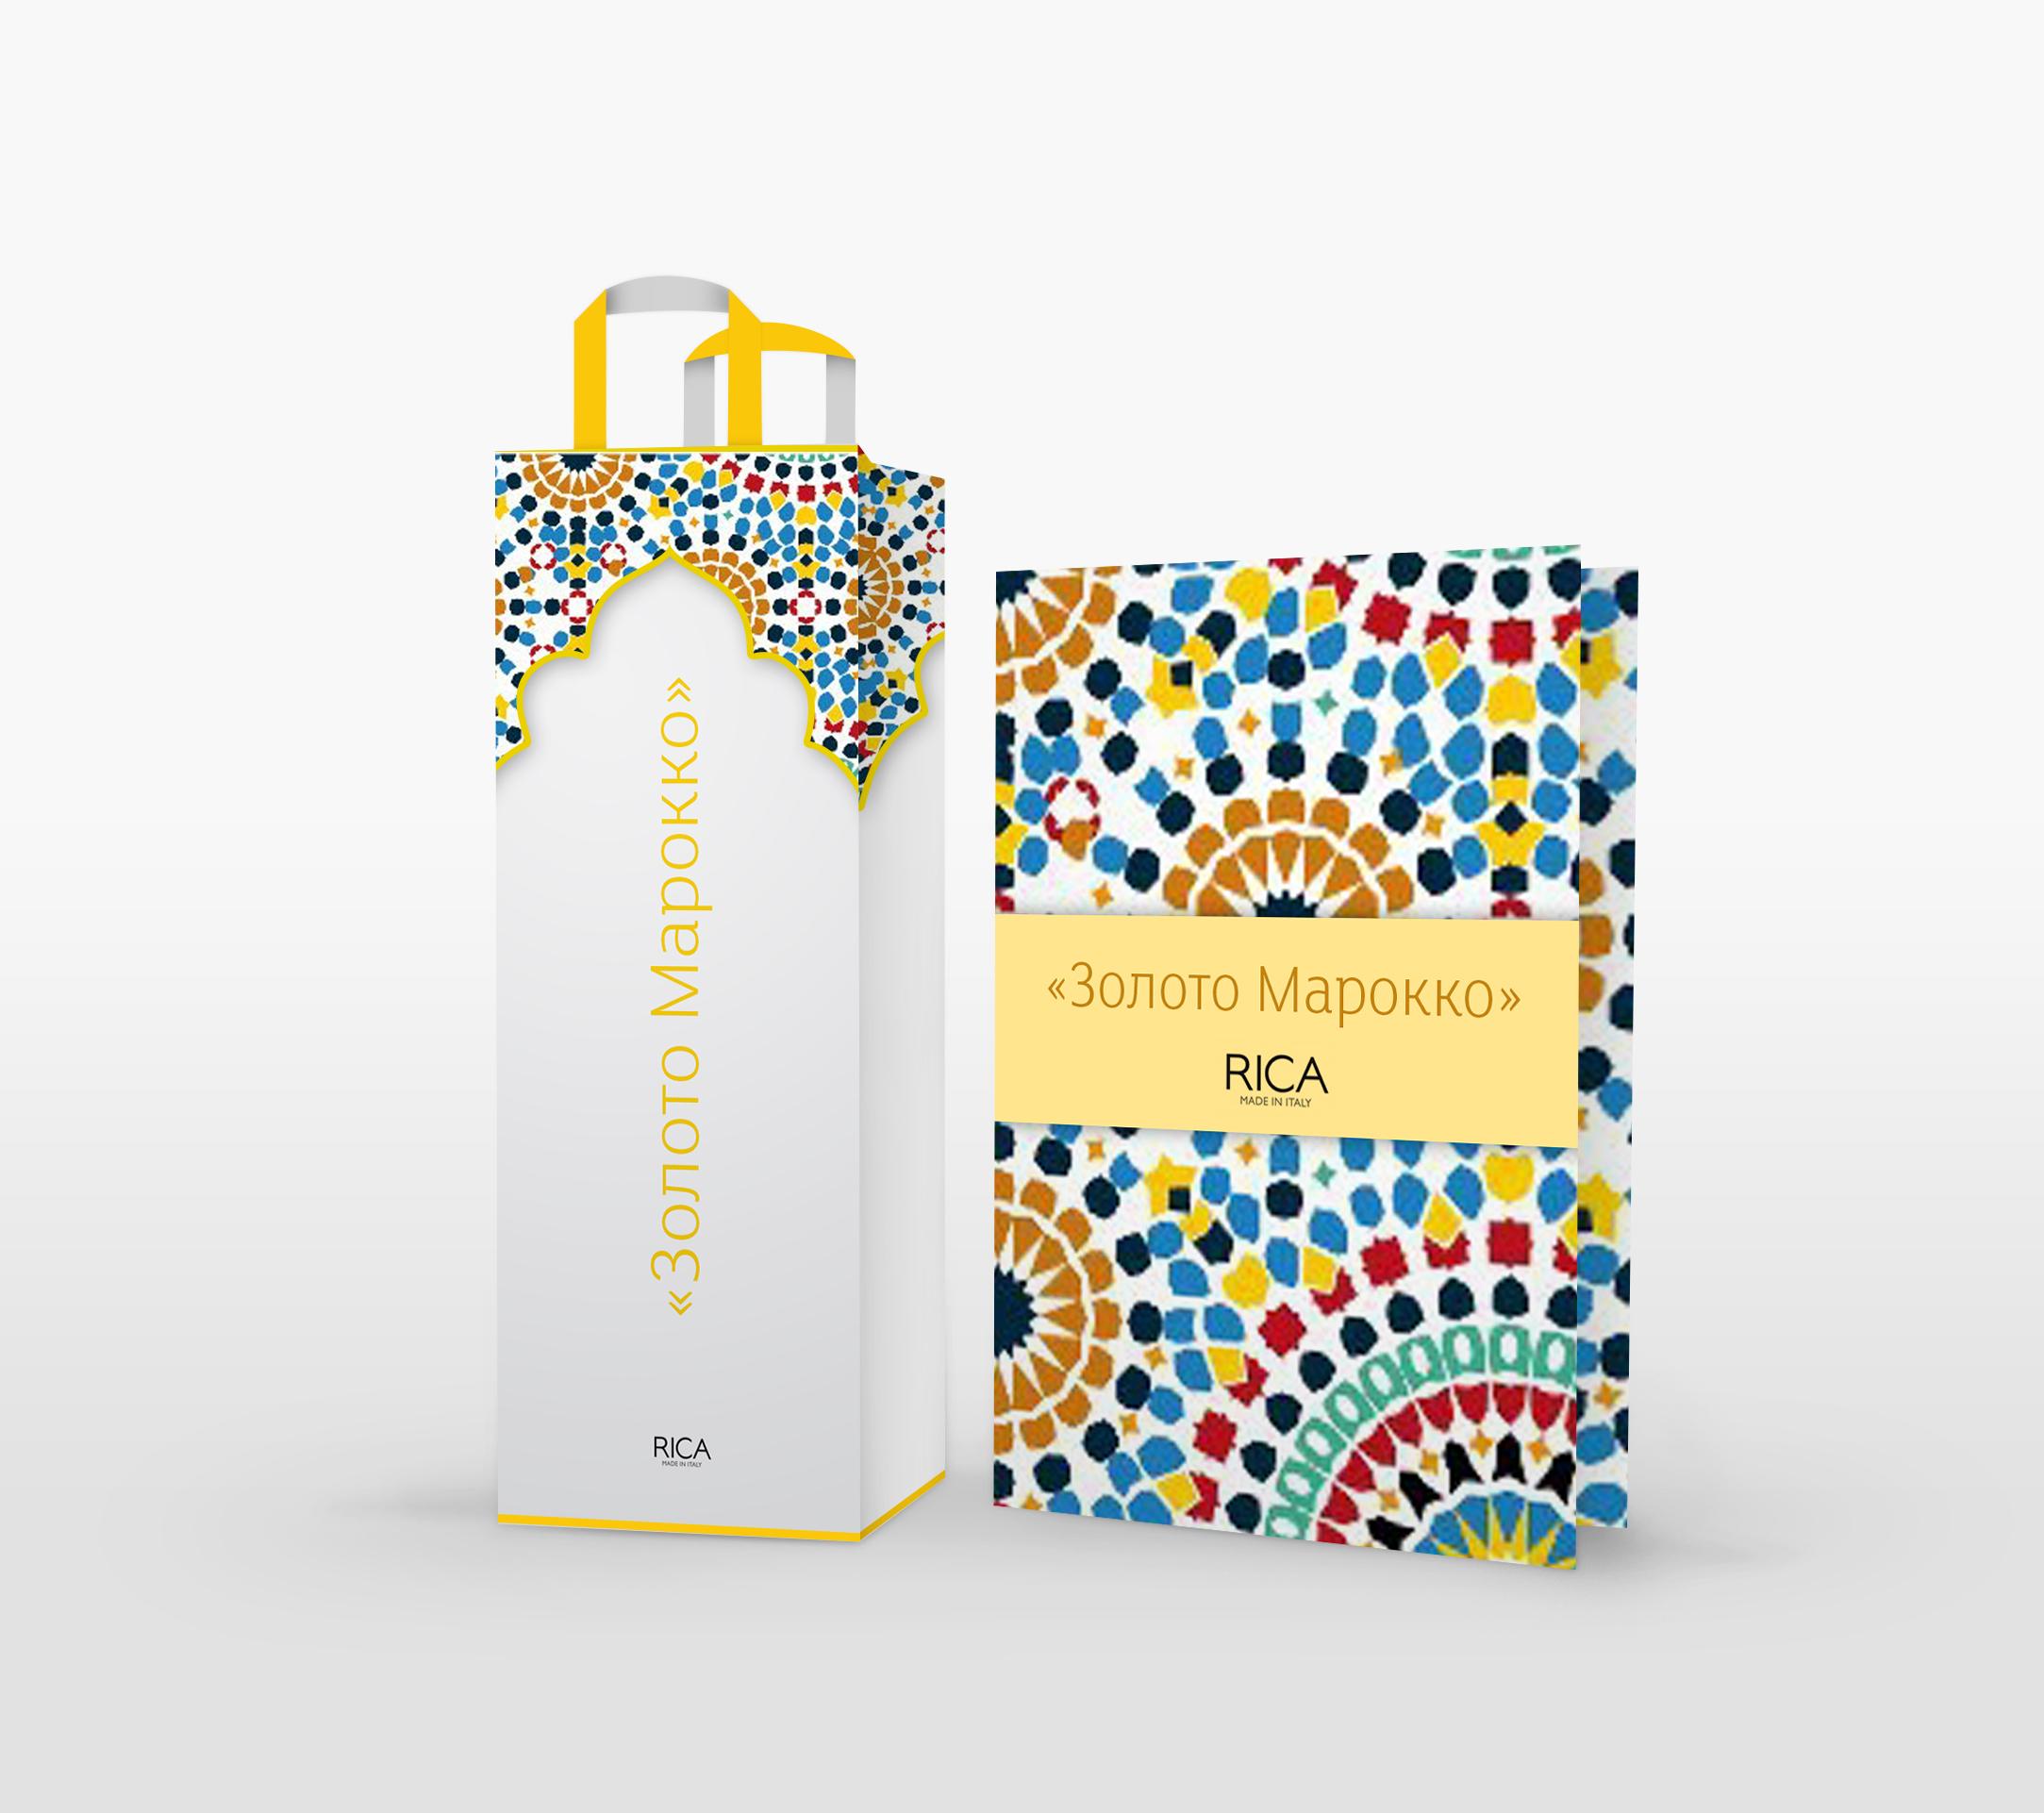 Дизайн пакетов для продукции